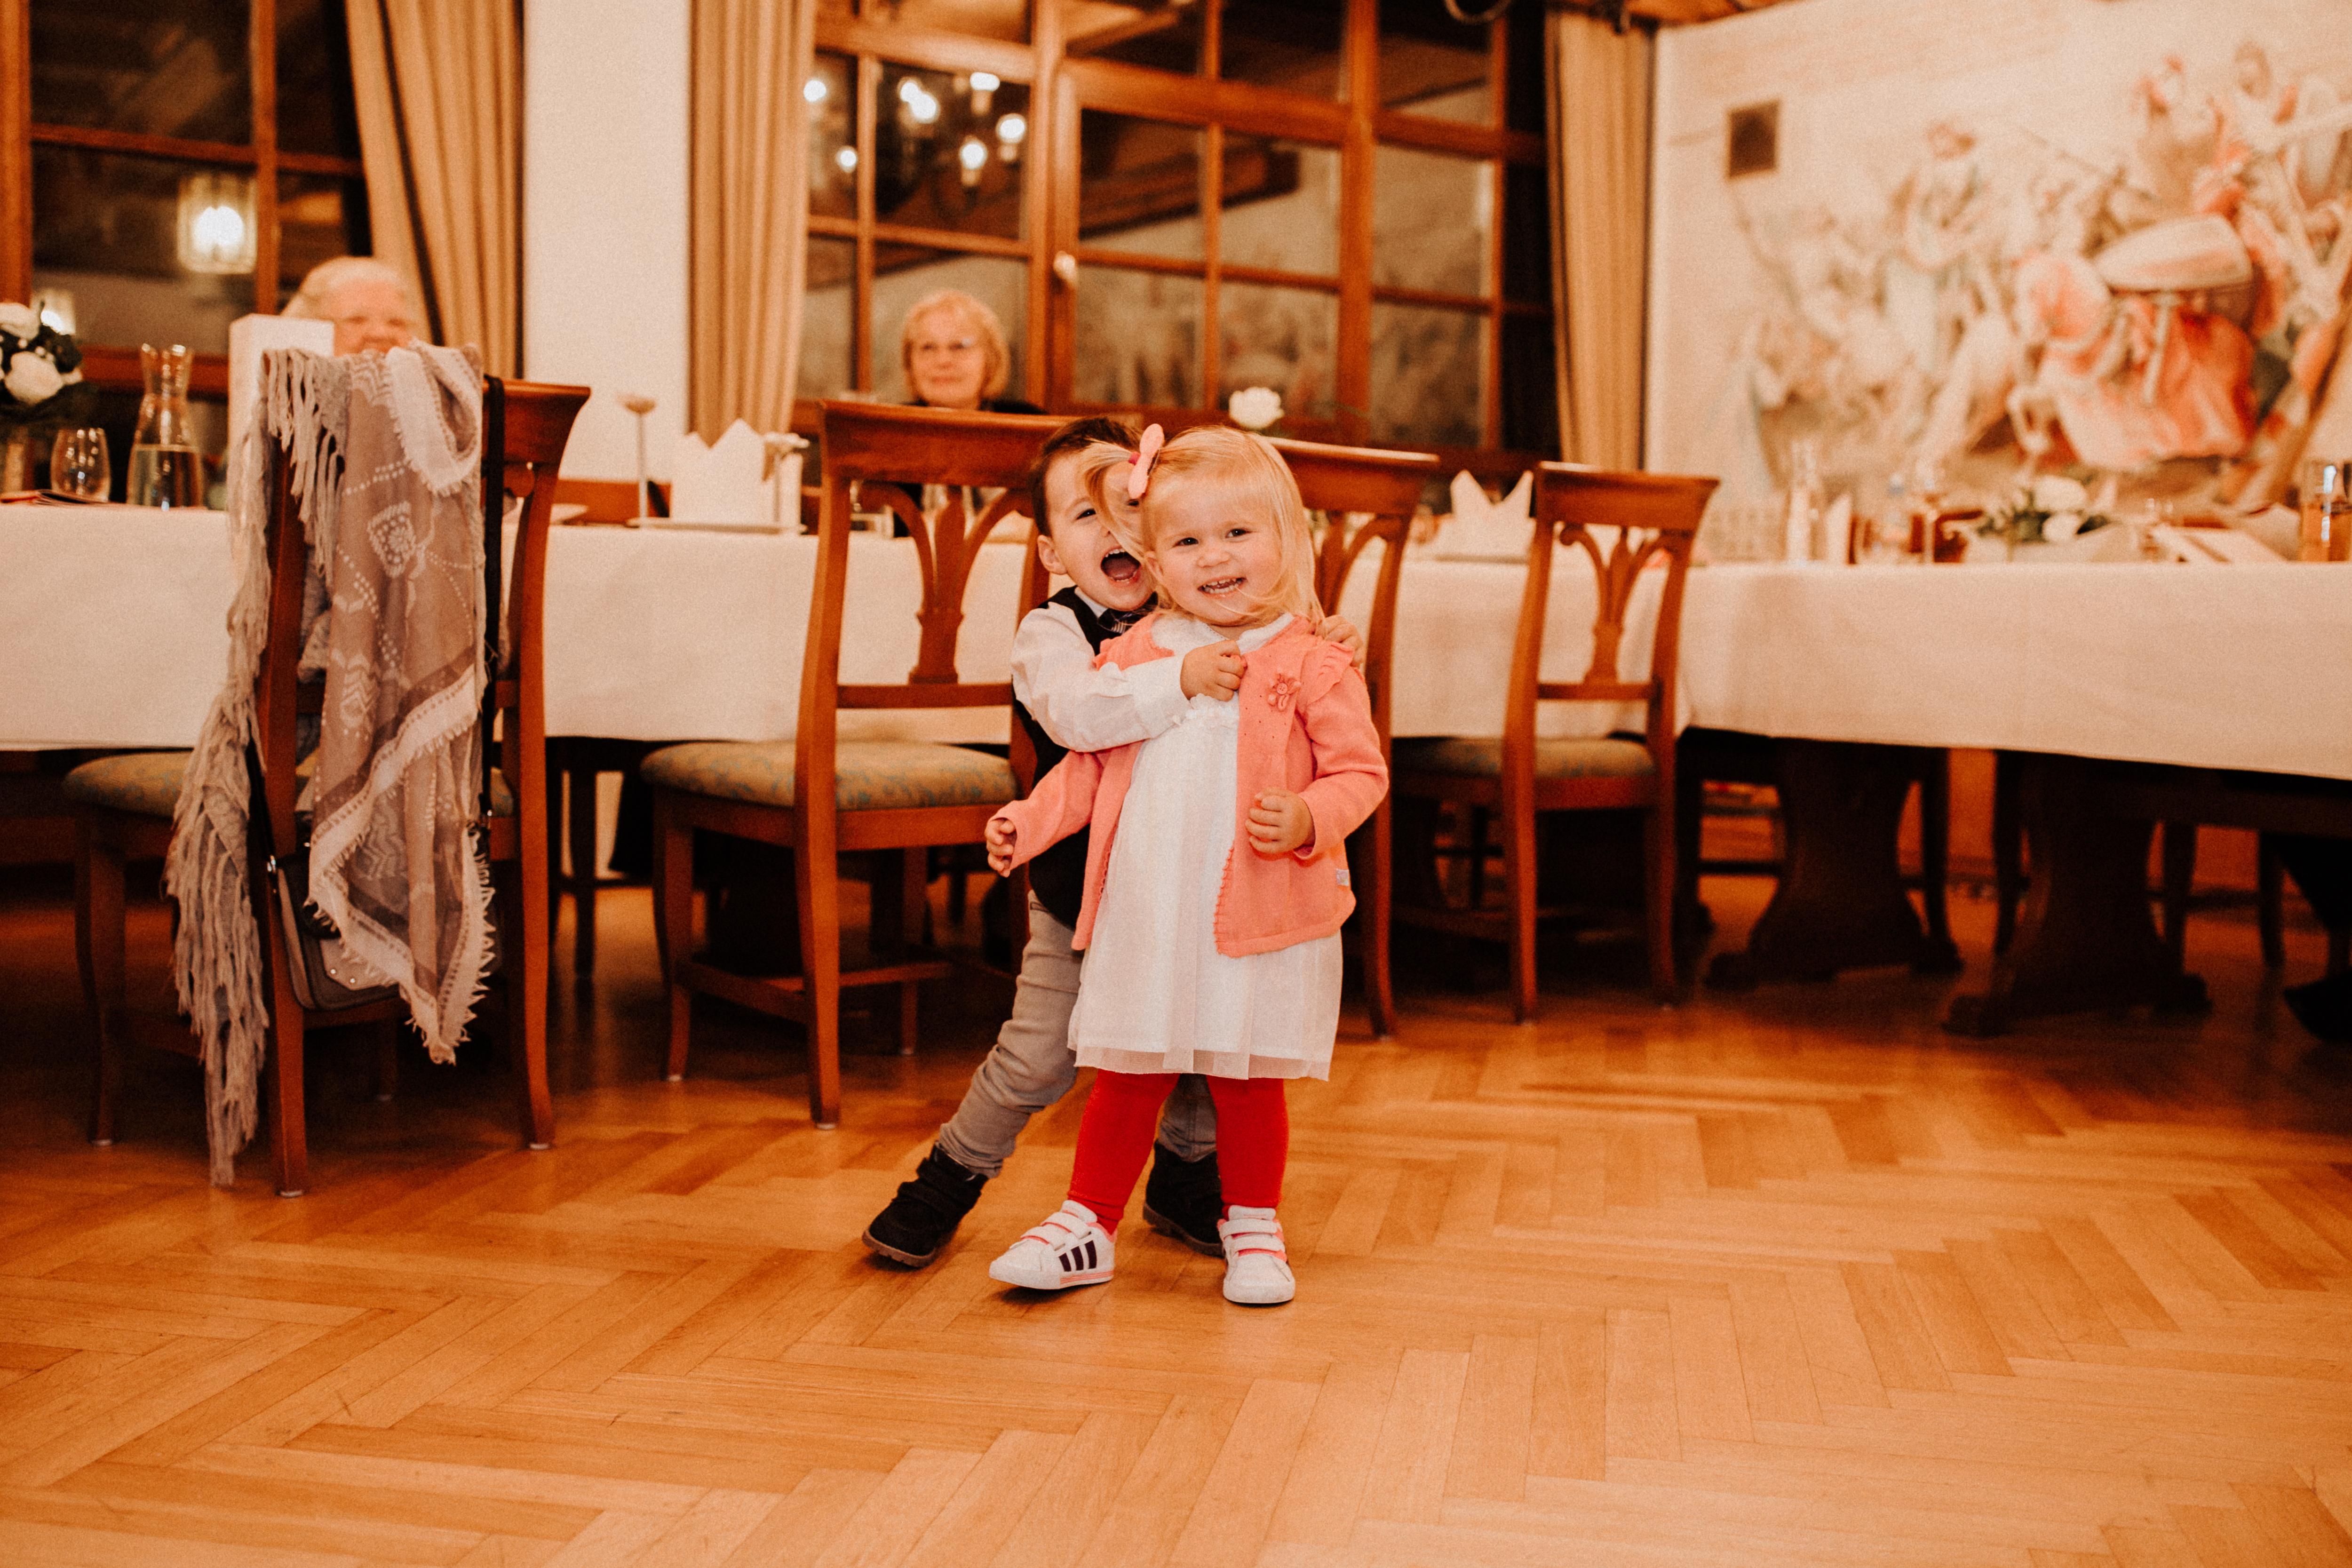 URBANERIE_Daniela_Goth_Hochzeitsfotografin_Nürnberg_Fürth_Erlangen_Schwabach_171007_1820